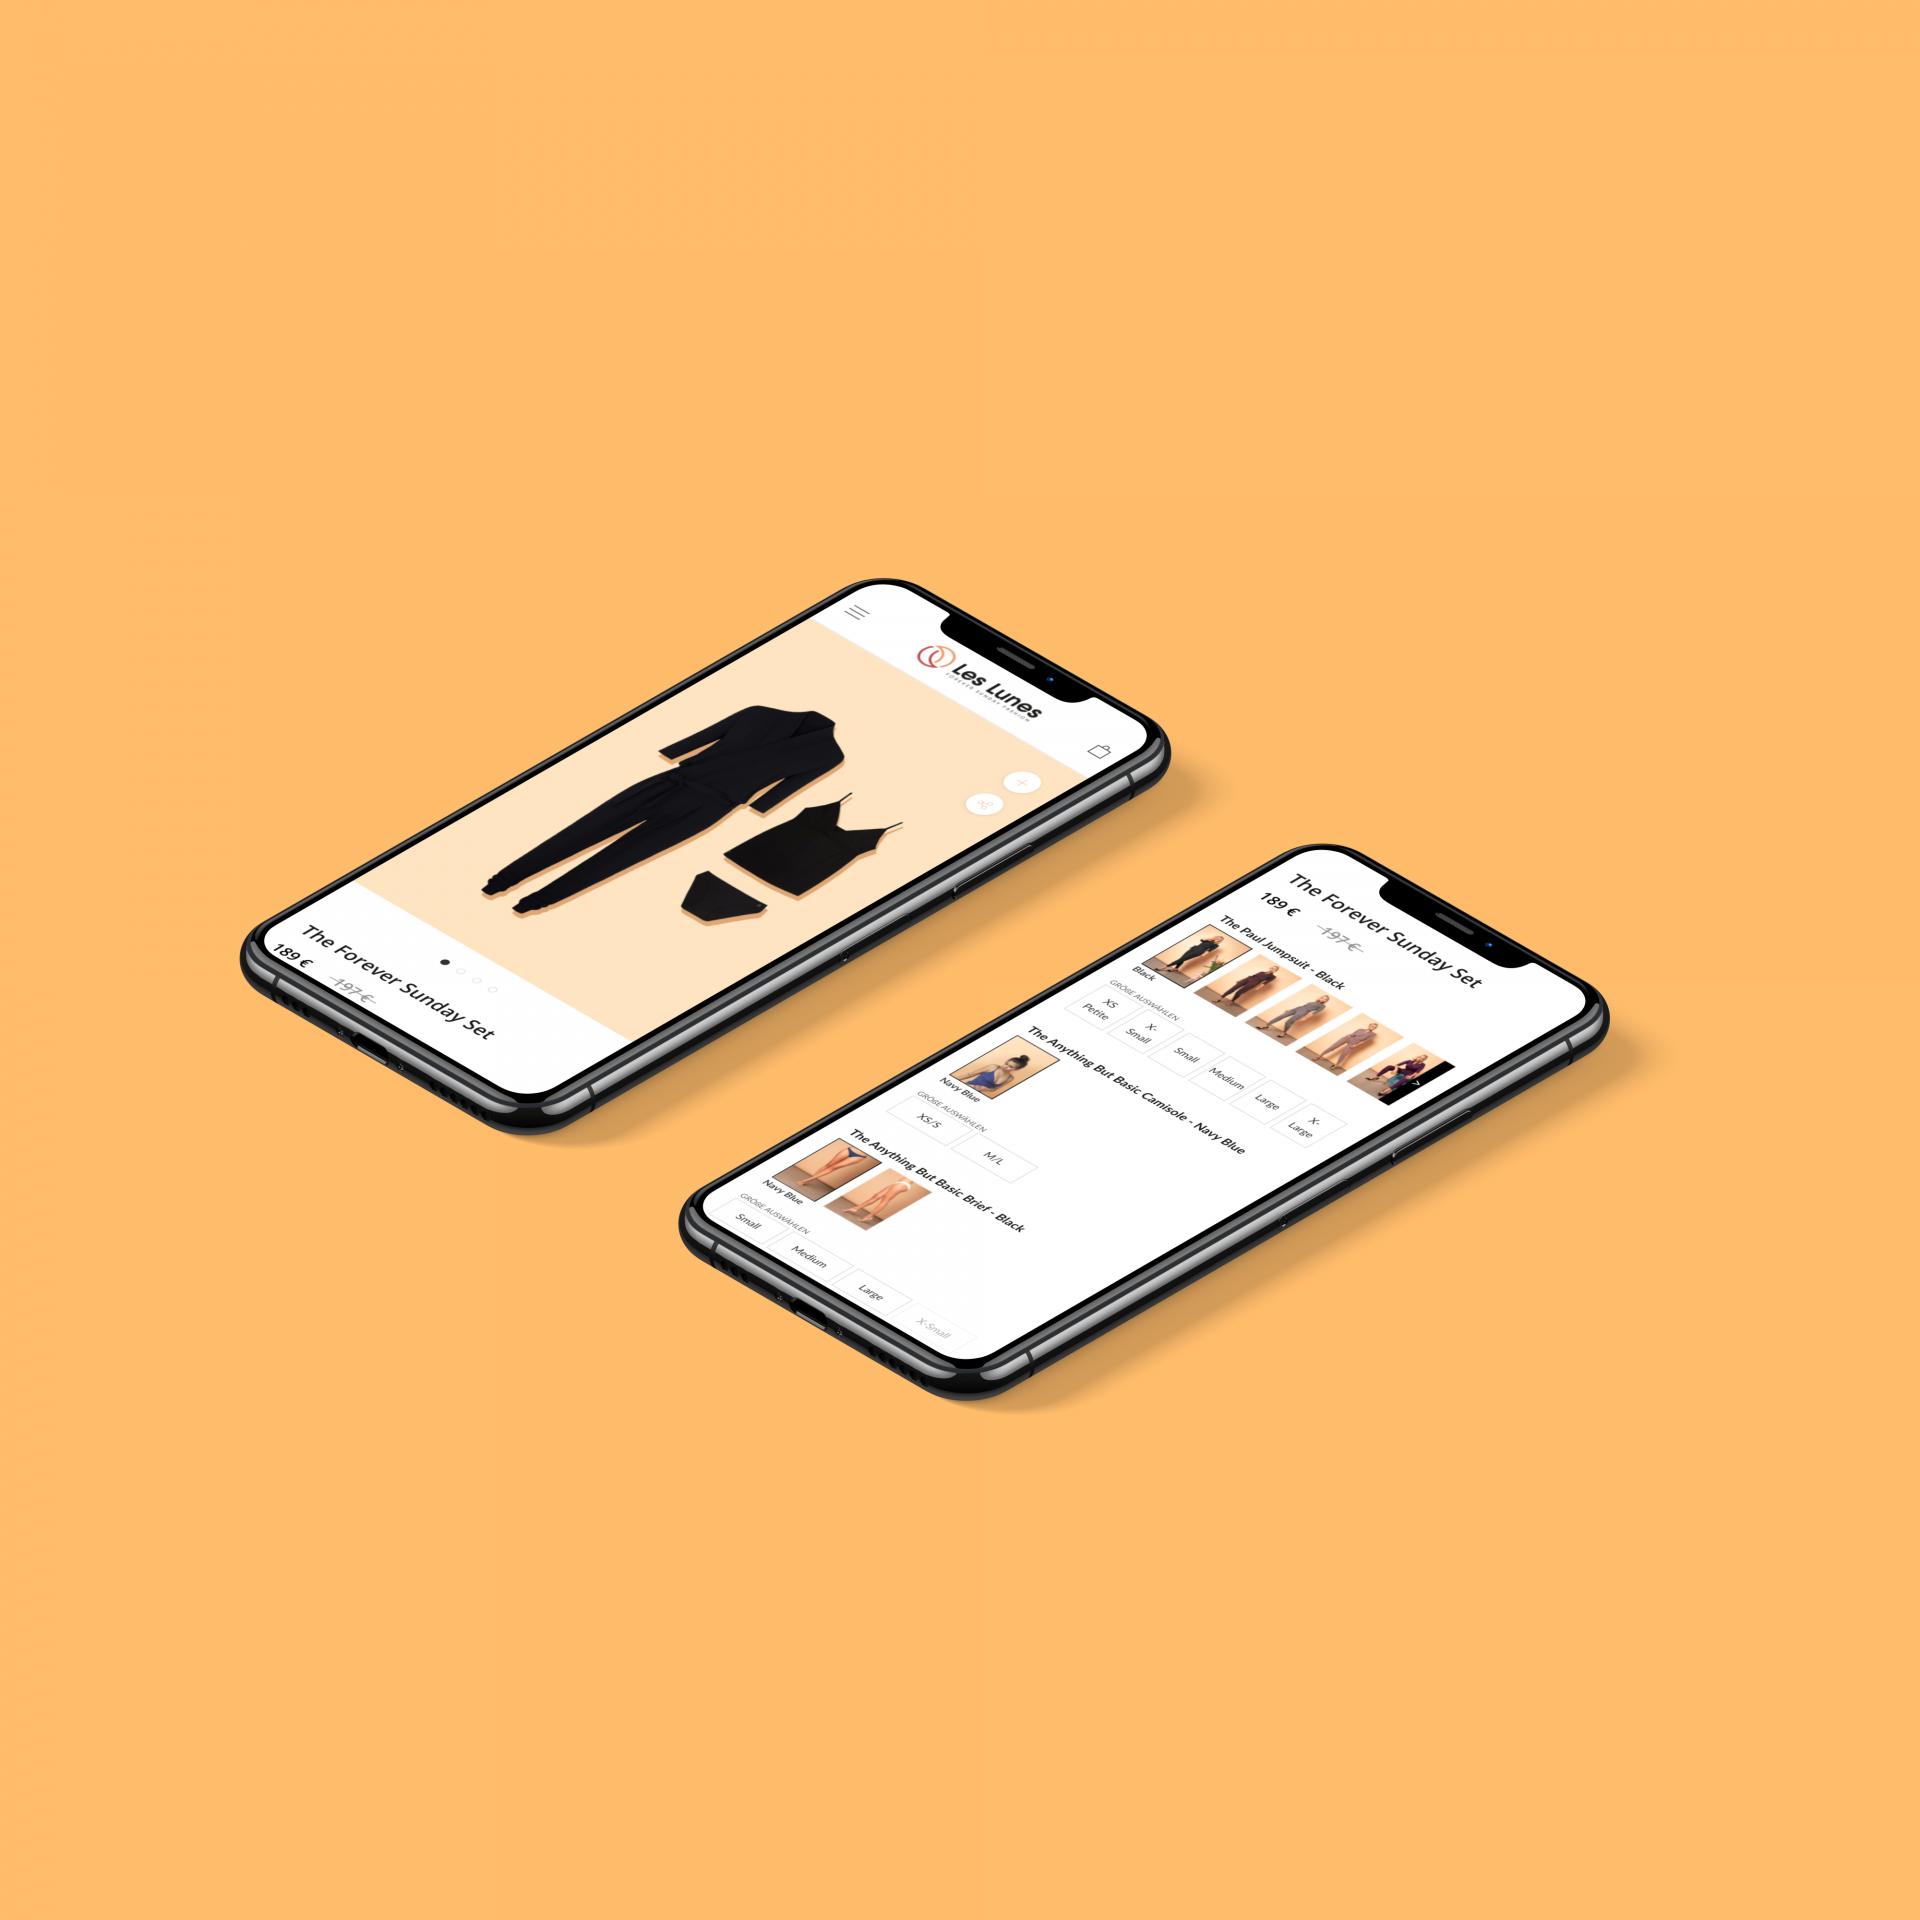 les lunes shopify bundle case study iphone mockups